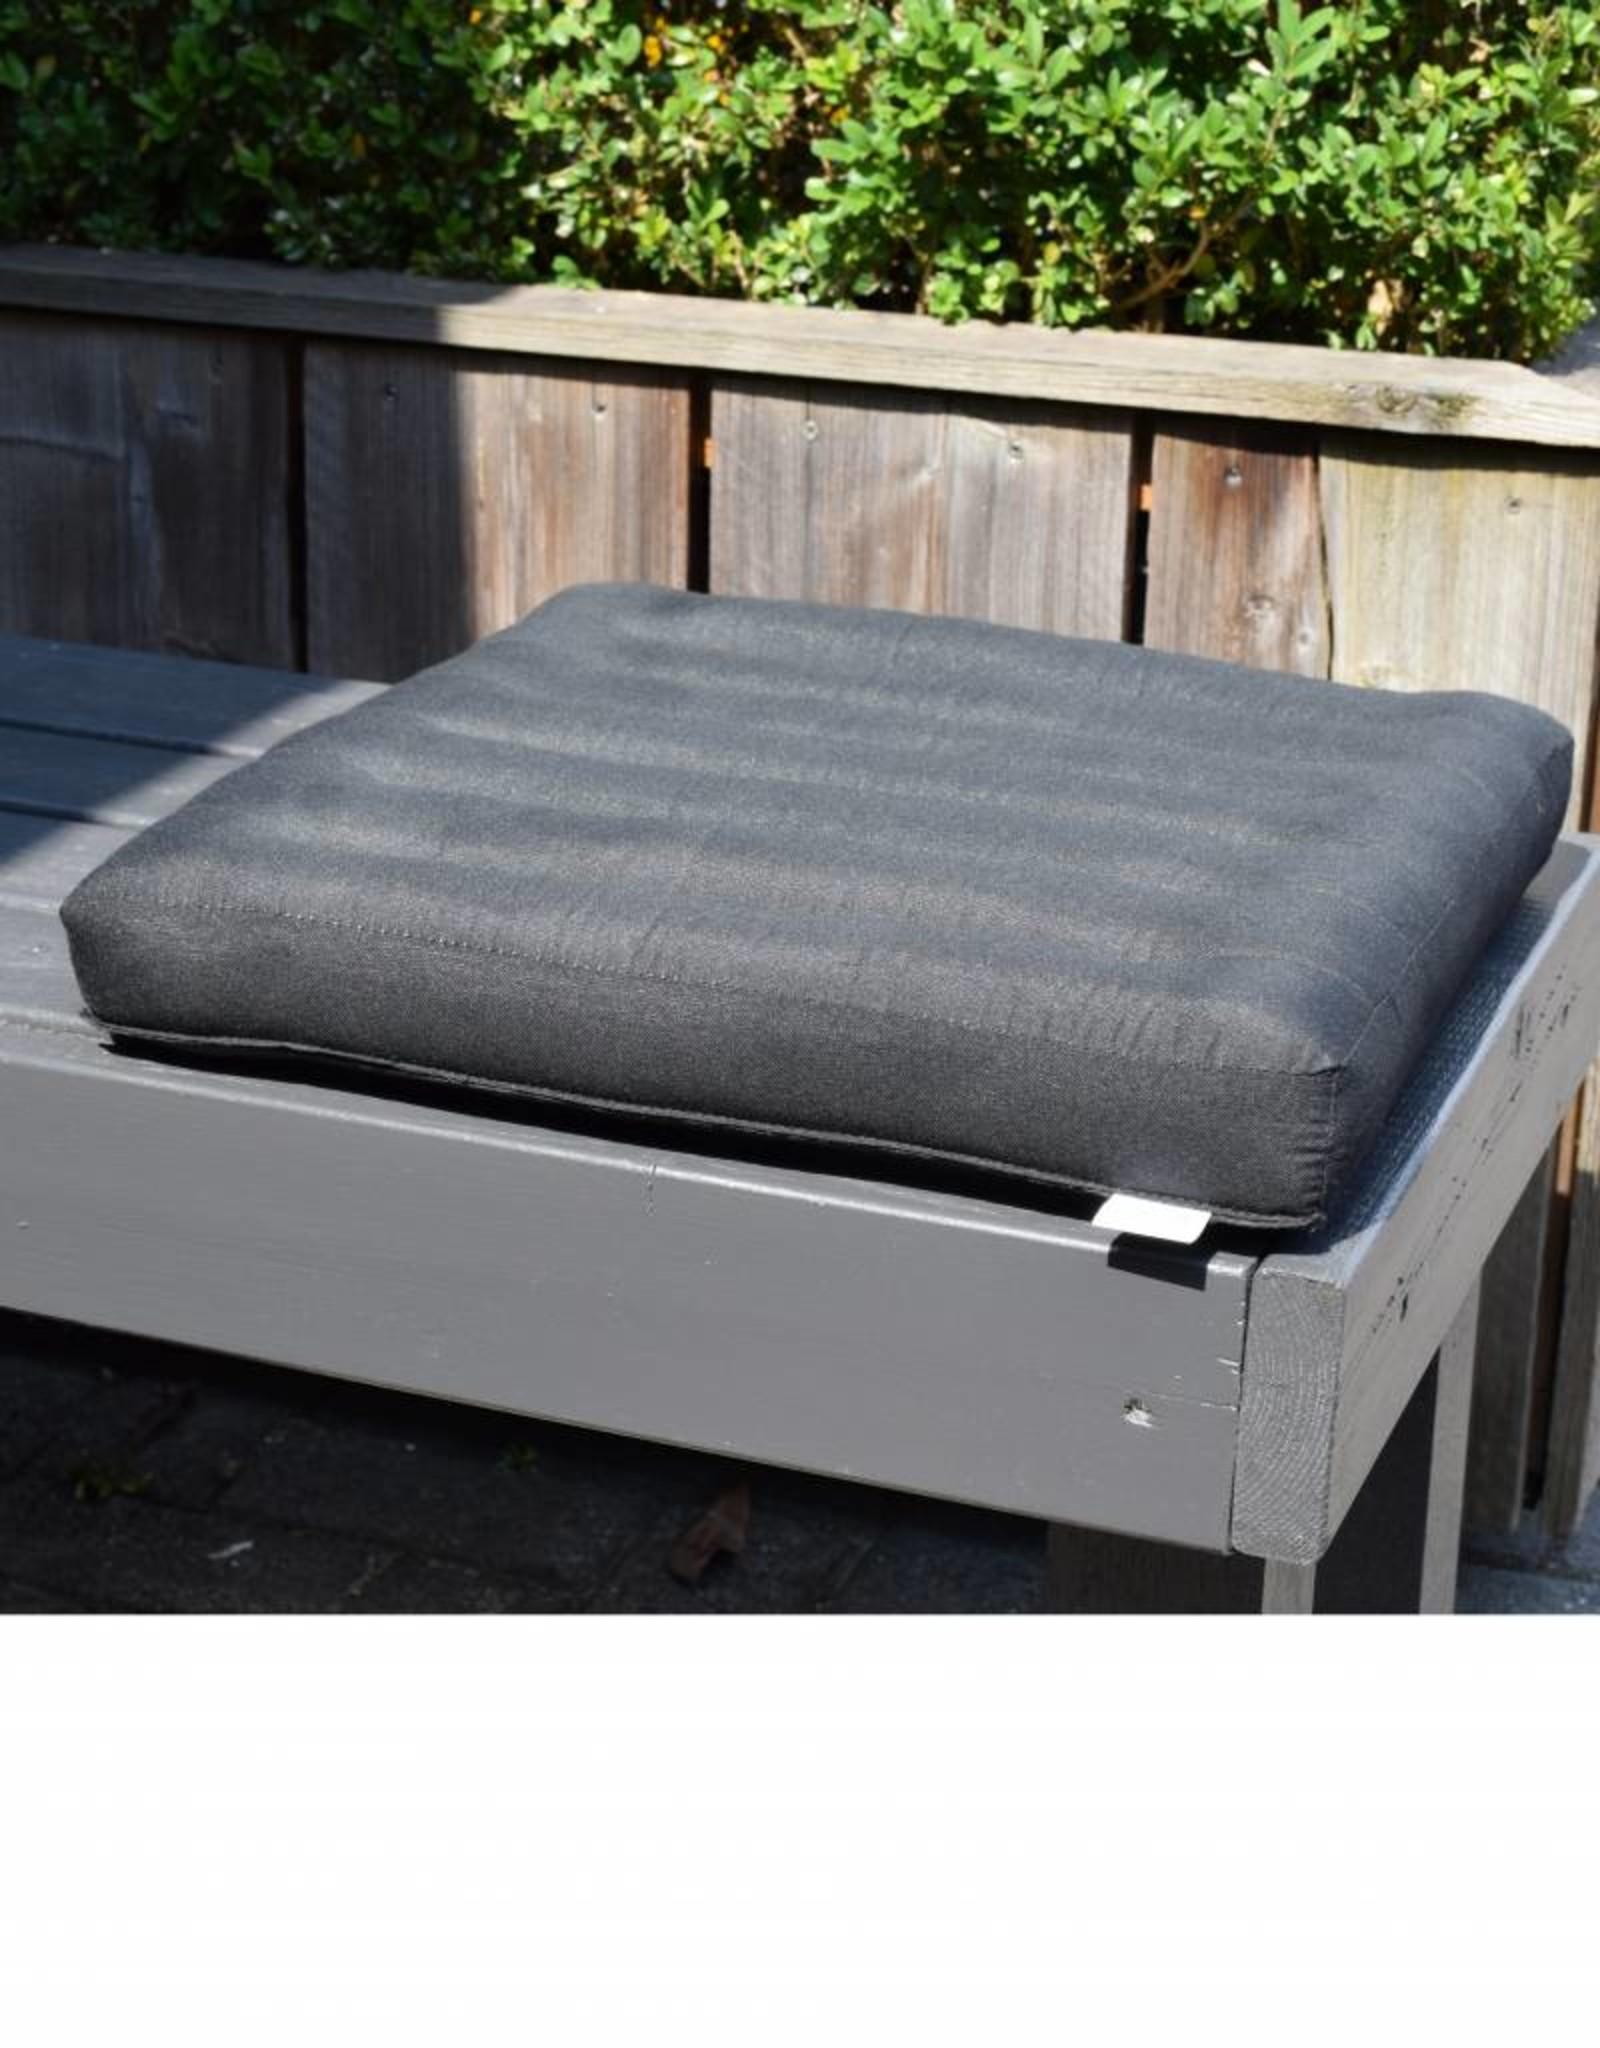 Thai Moonz Thai Seat Cushion and Garden Cushion (Medium/Large) Black